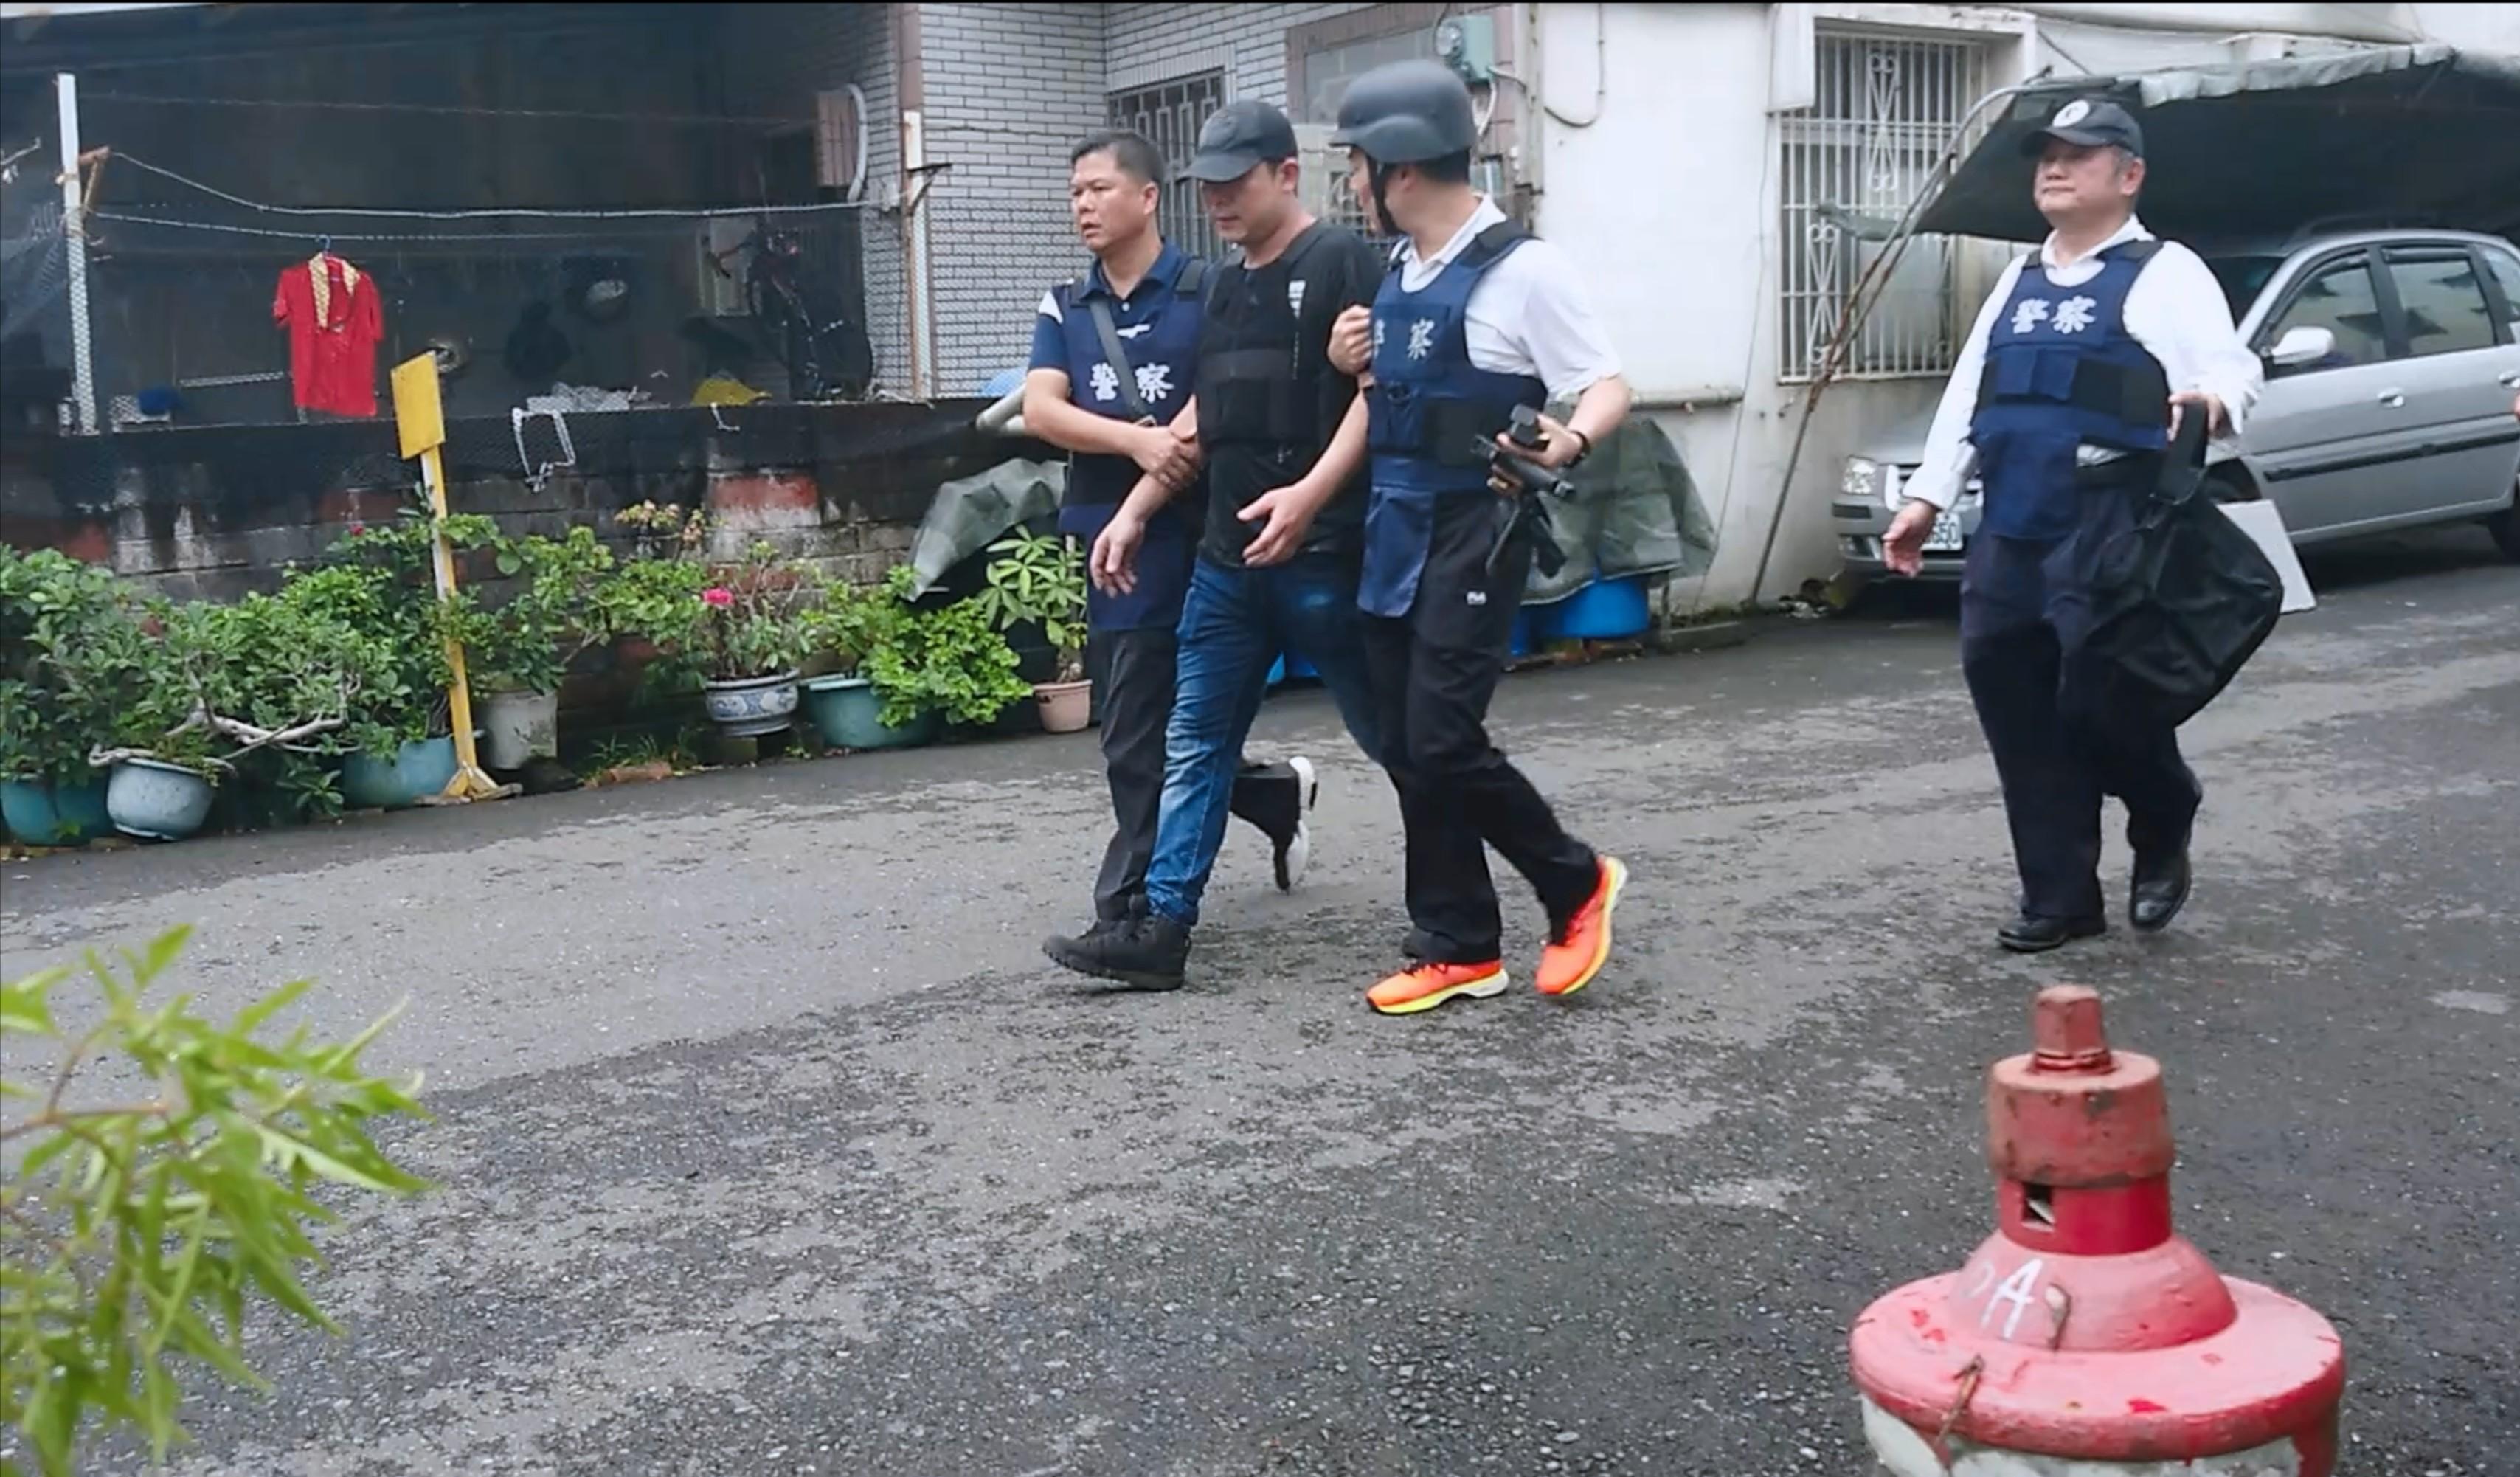 嘉義警匪對峙5小時 嫌犯繳械投降